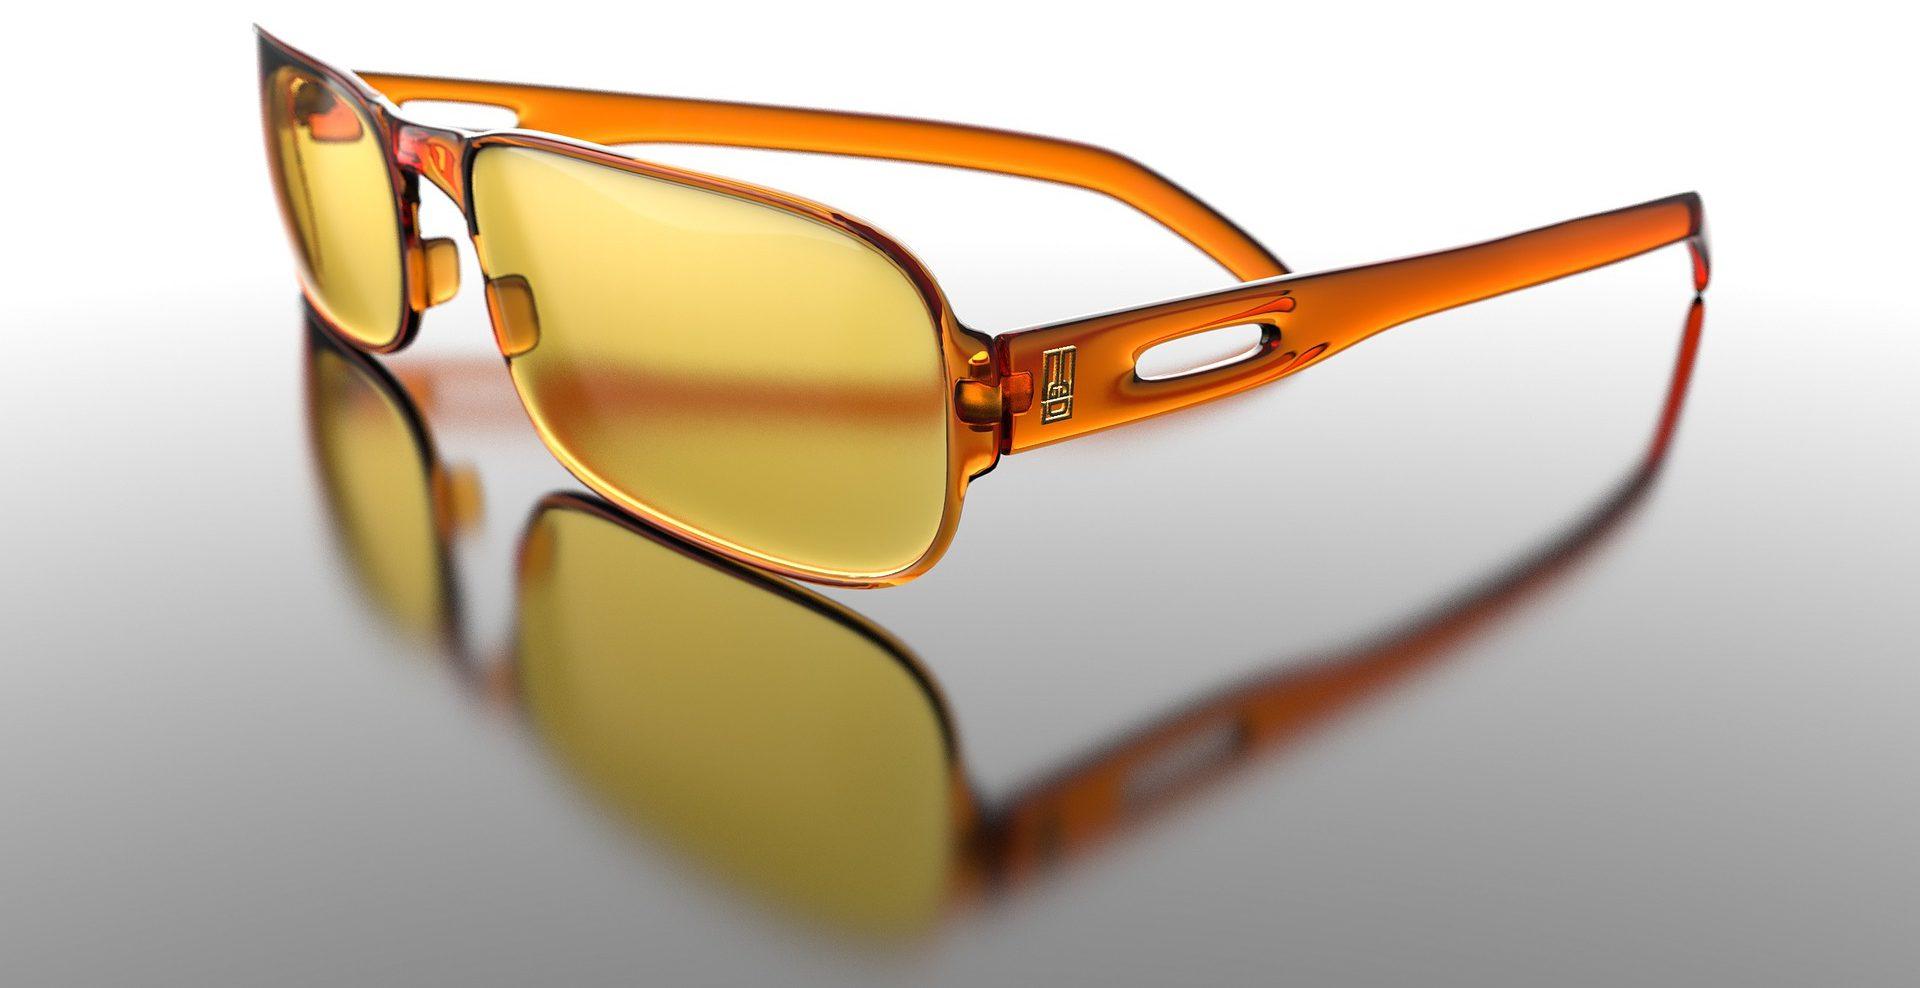 Aparelho inédito mostra se óculos de sol estão adequados para dirigir